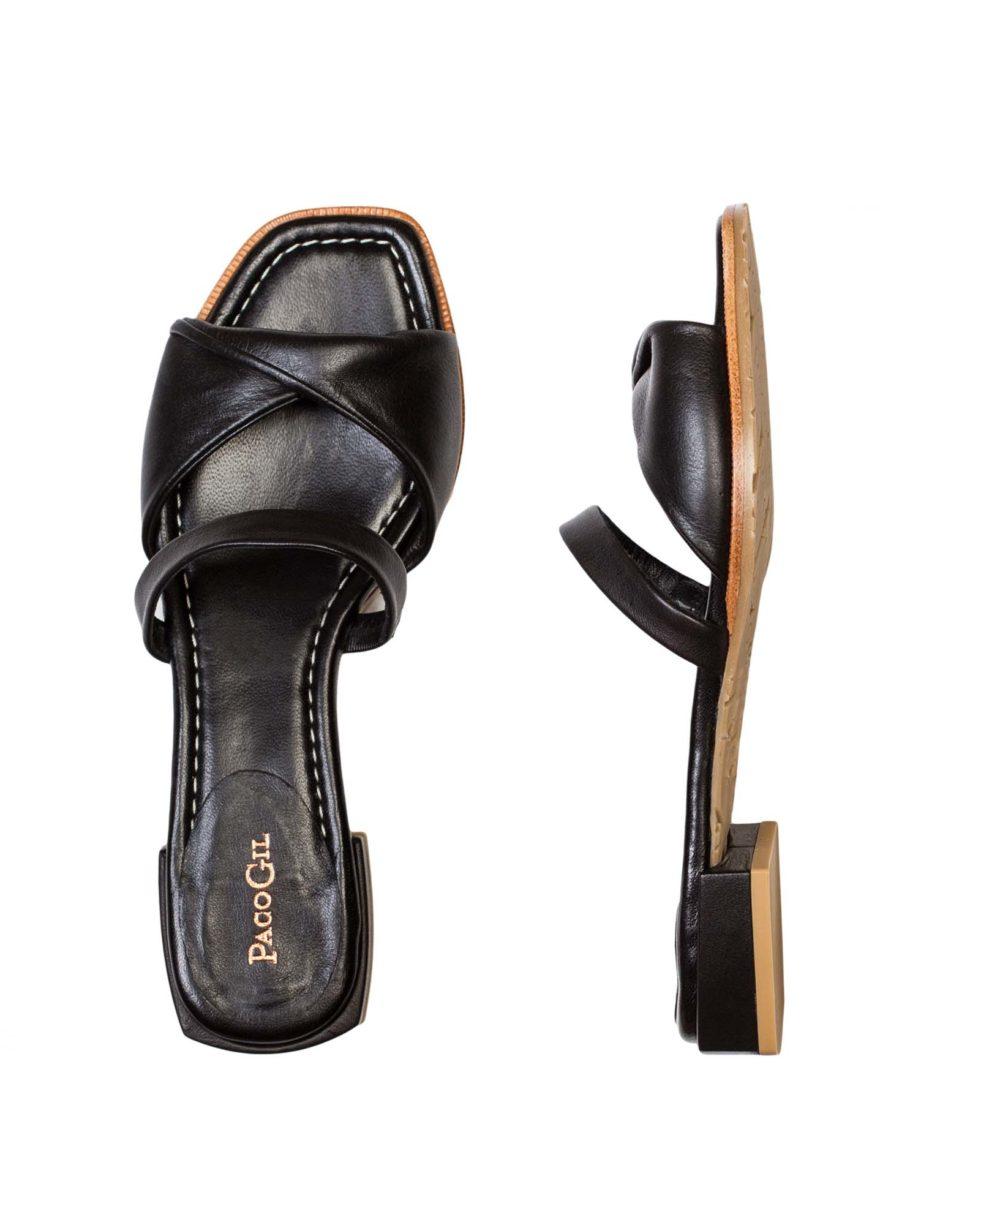 Sandalias de Piel Paco Gil P-3925 Black Bravo C1